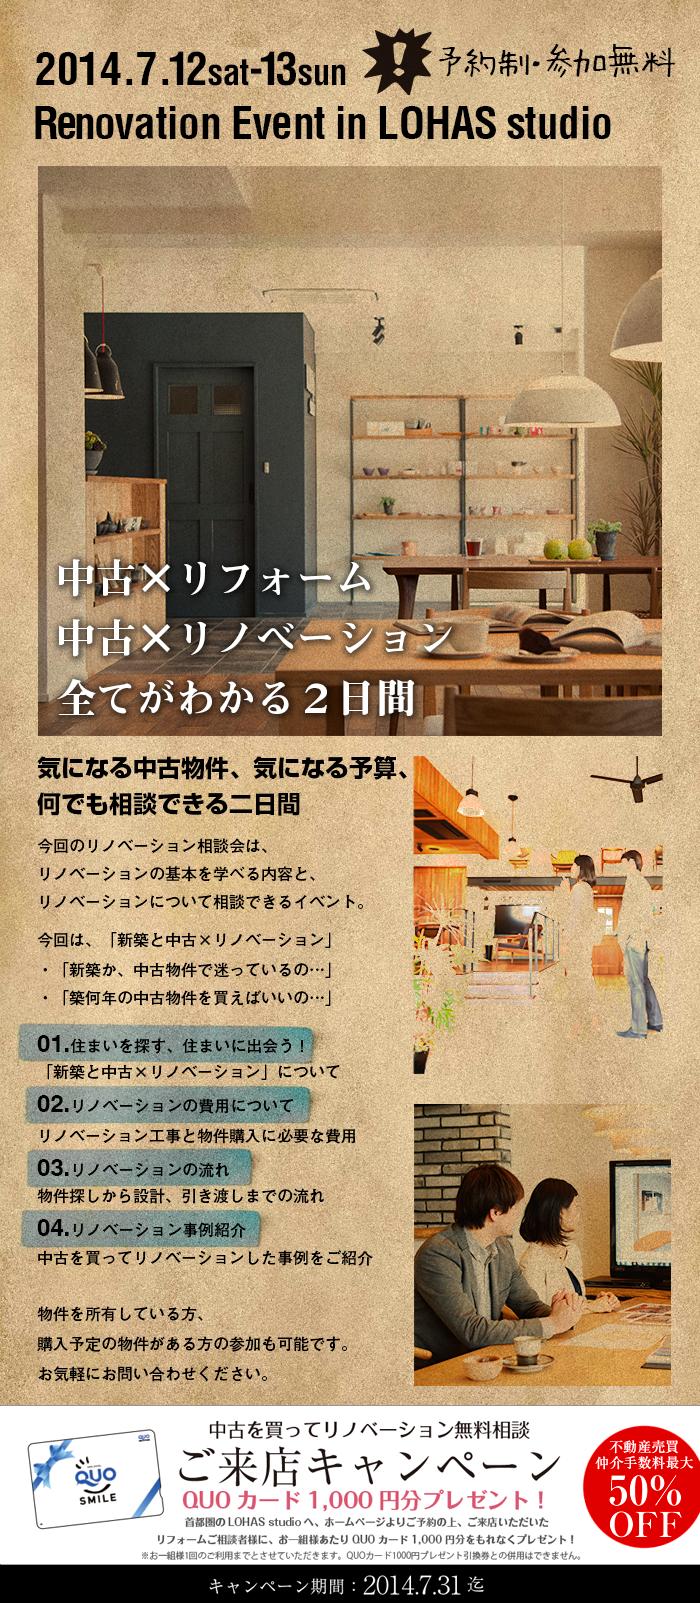 201407yoyaku_event12-13.png